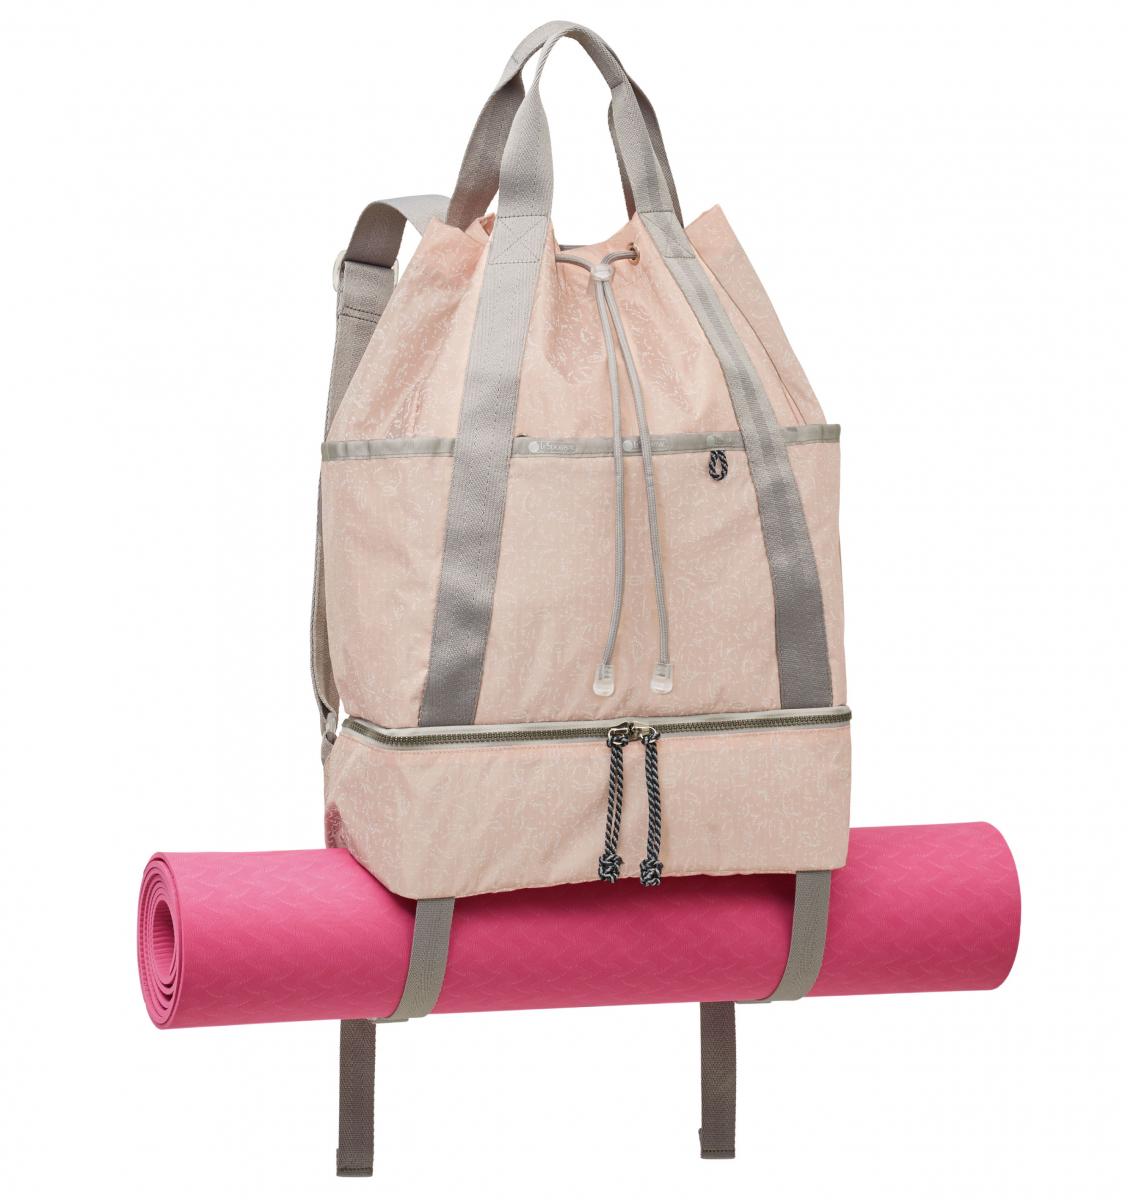 「アクティブ バックパック」(H47×W33×D17cm)¥20,000/レスポートサックジャパン